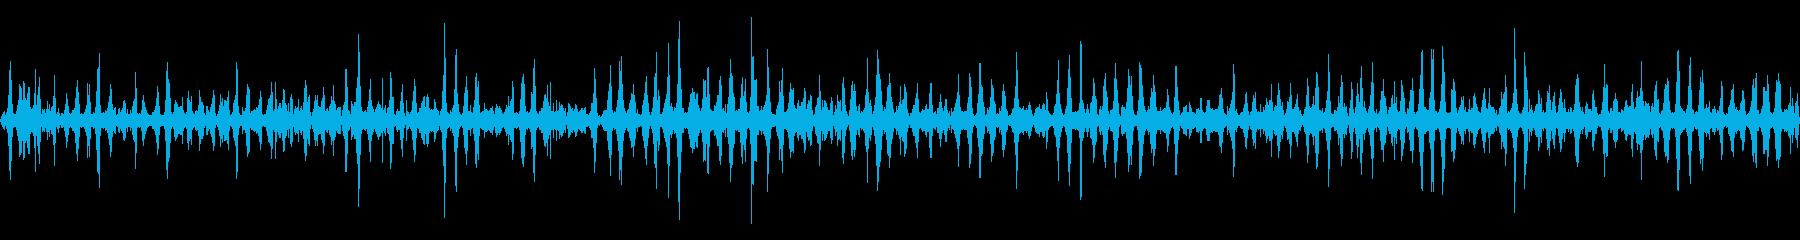 穏やかな波音(稲毛海岸)_02の再生済みの波形